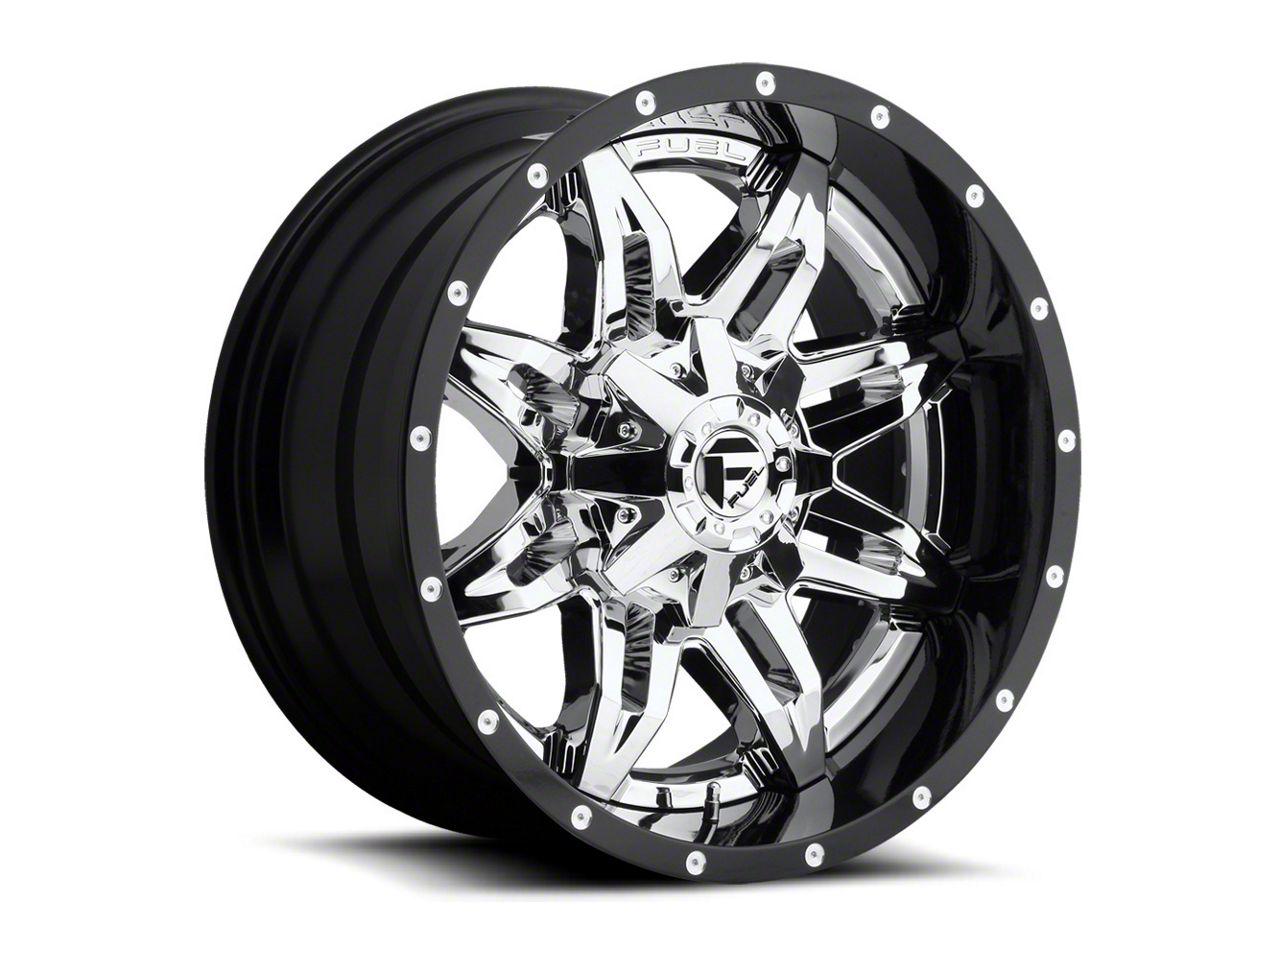 Fuel Wheels Lethal Chrome 6-Lug Wheel - 22x10 (07-18 Sierra 1500)